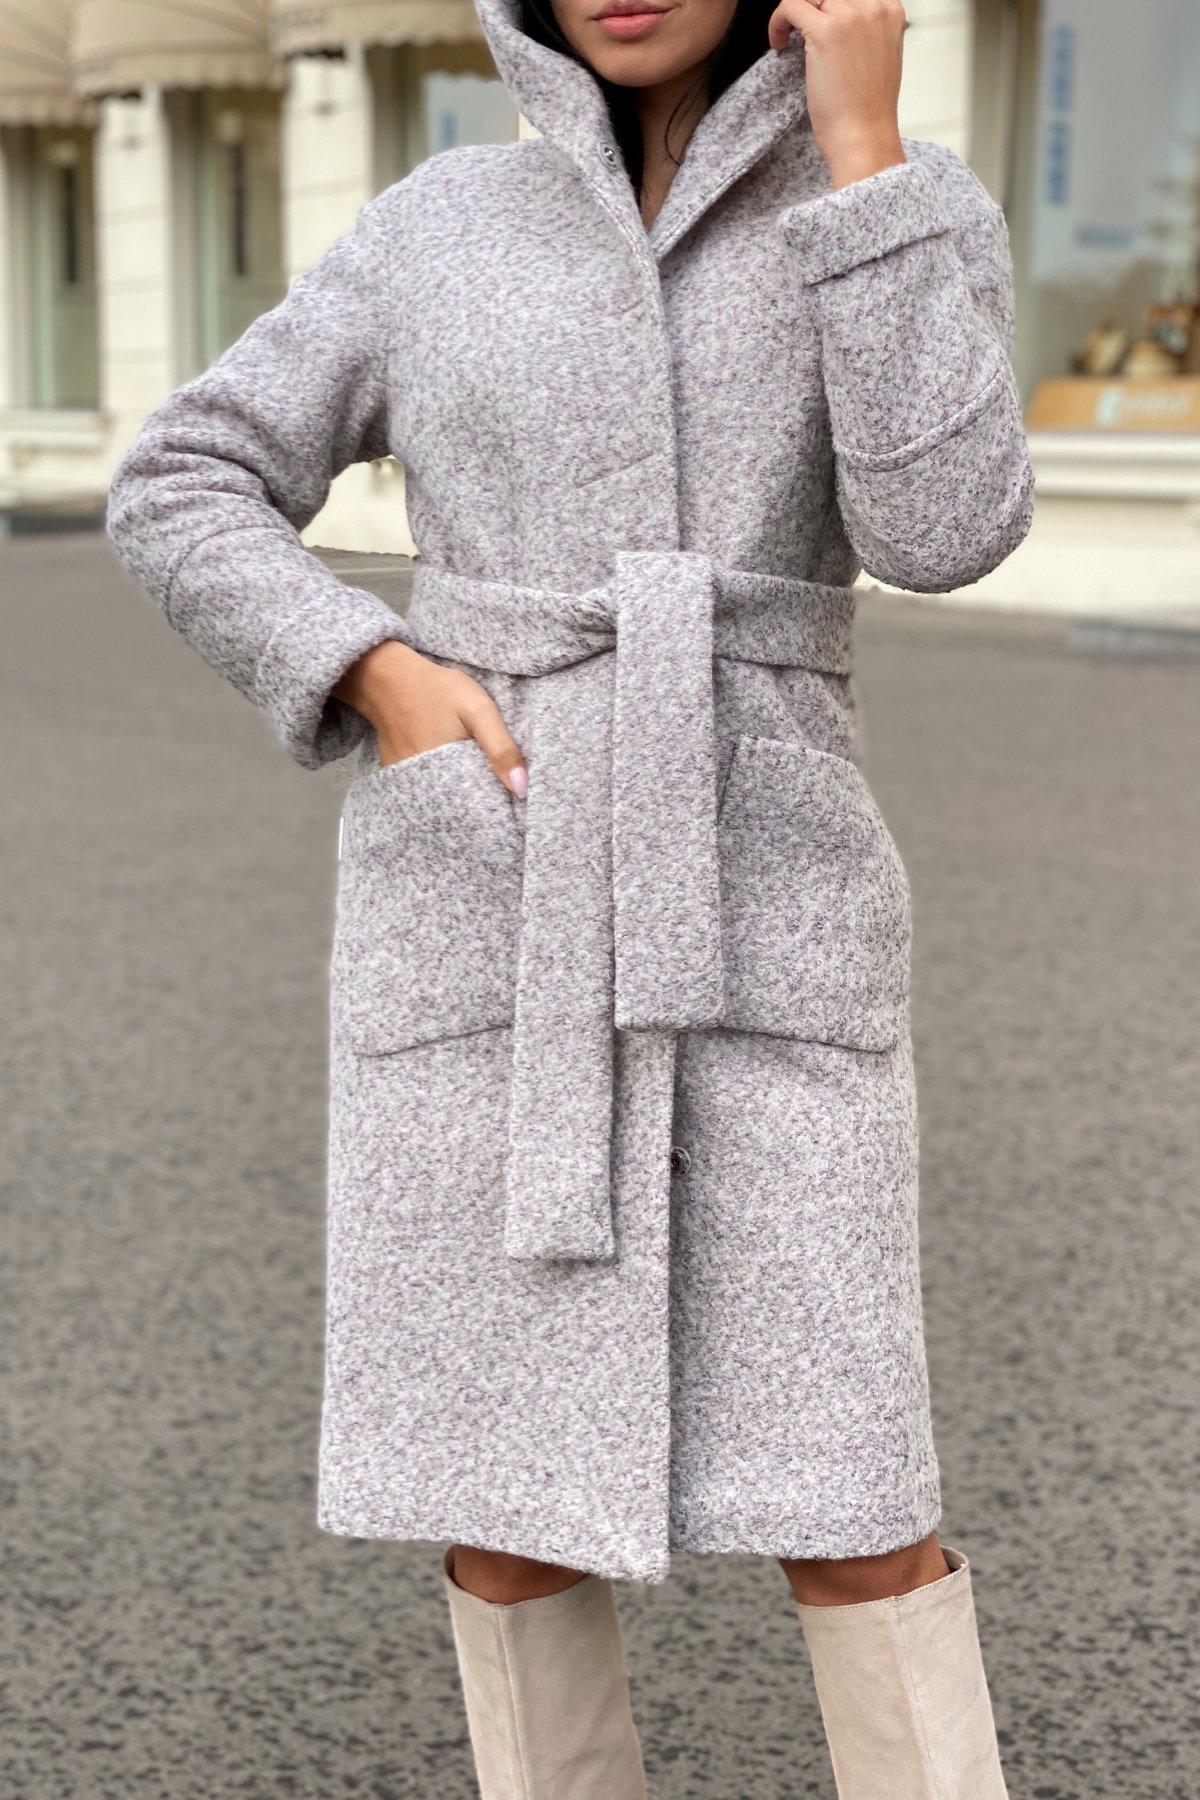 Пальто зима шерсть букле Анита 8320 АРТ. 44439 Цвет: Серый/бежевый 24 - фото 5, интернет магазин tm-modus.ru